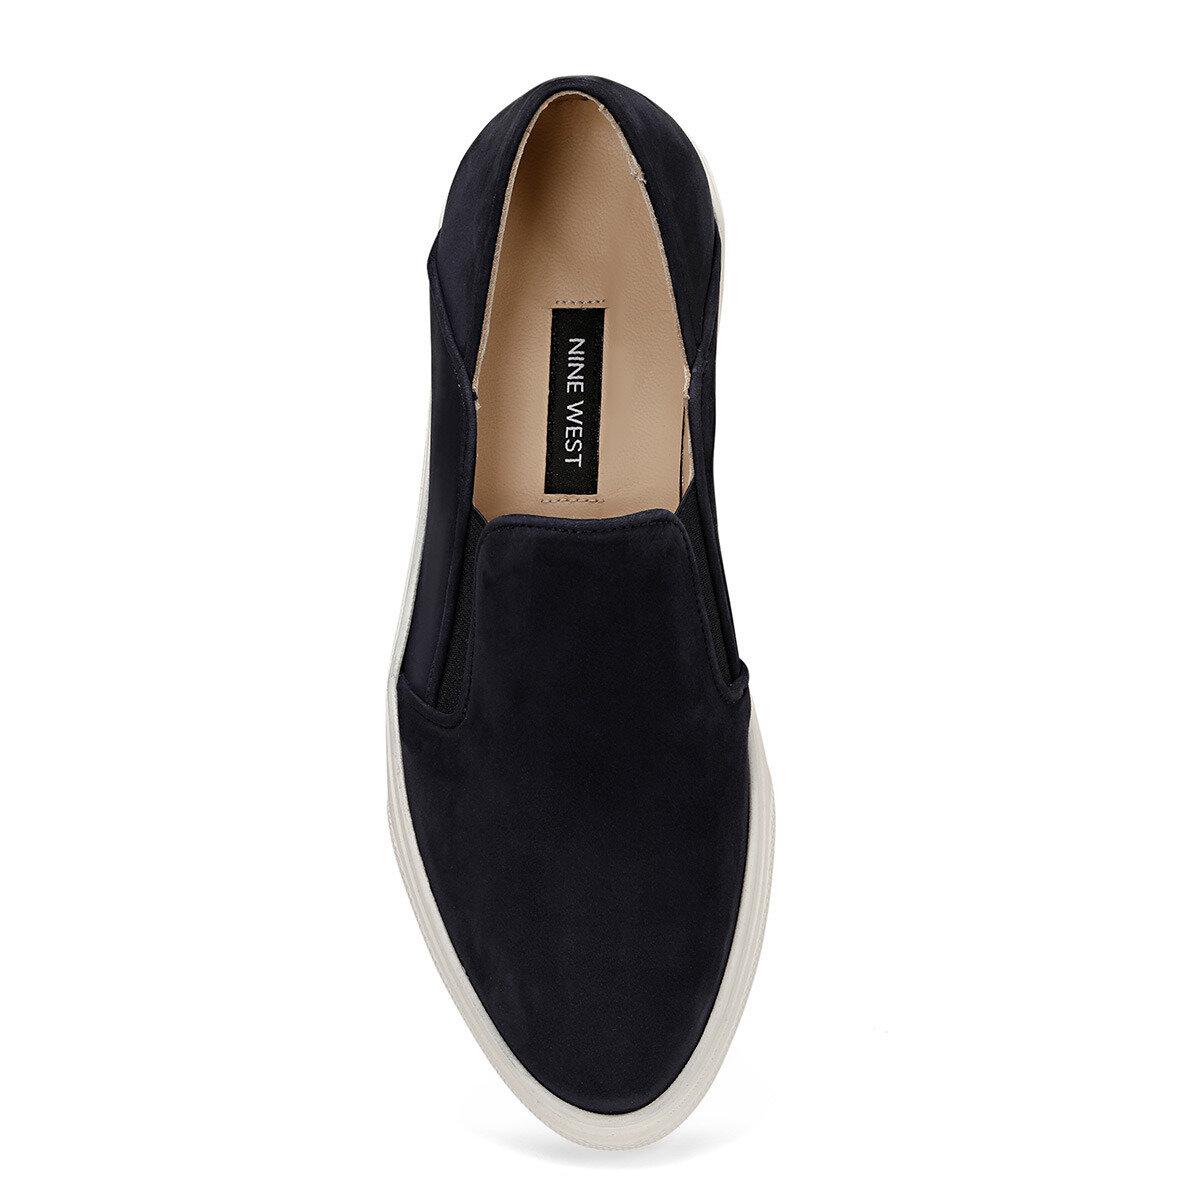 SALVIA Lacivert Kadın Slip On Ayakkabı